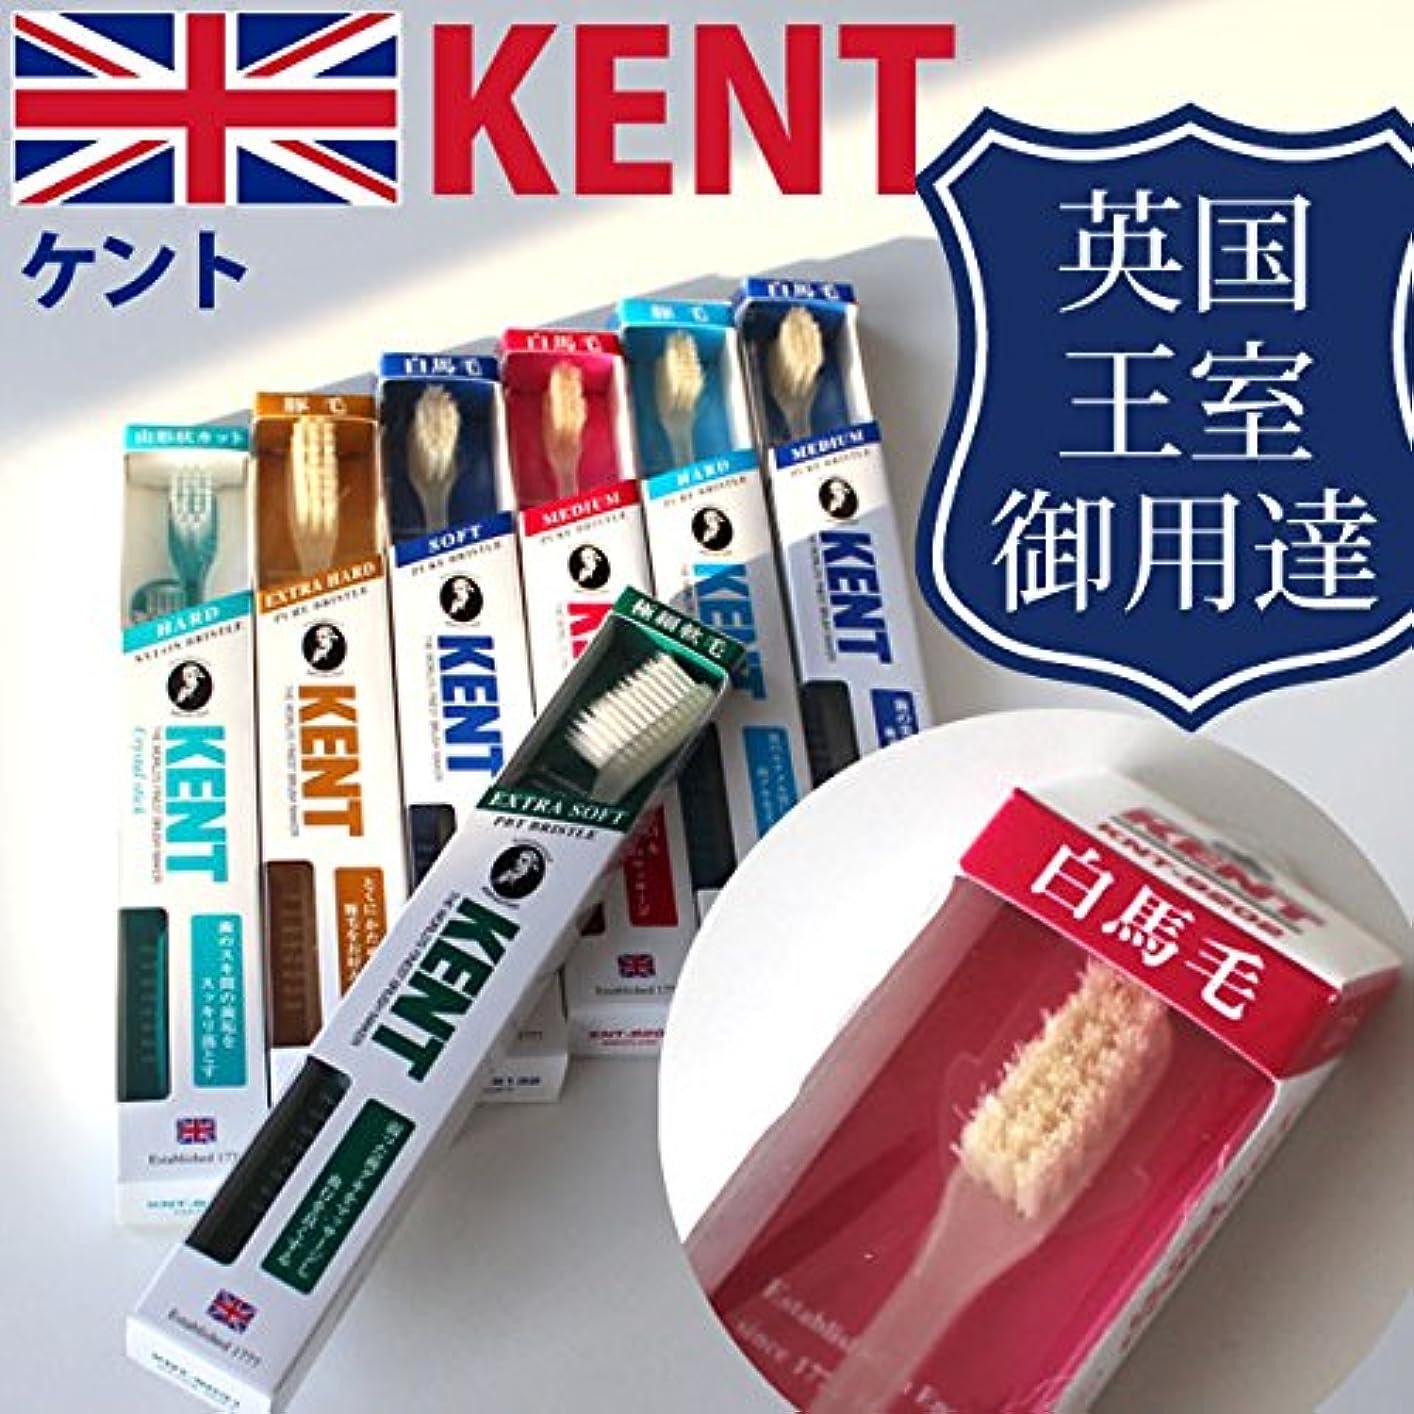 リットルねじれバックケント KENT 白馬毛 超コンパクト歯ブラシ KNT-9102/9202 6本入り 他のコンパクトヘッドに比べて歯 ふつう